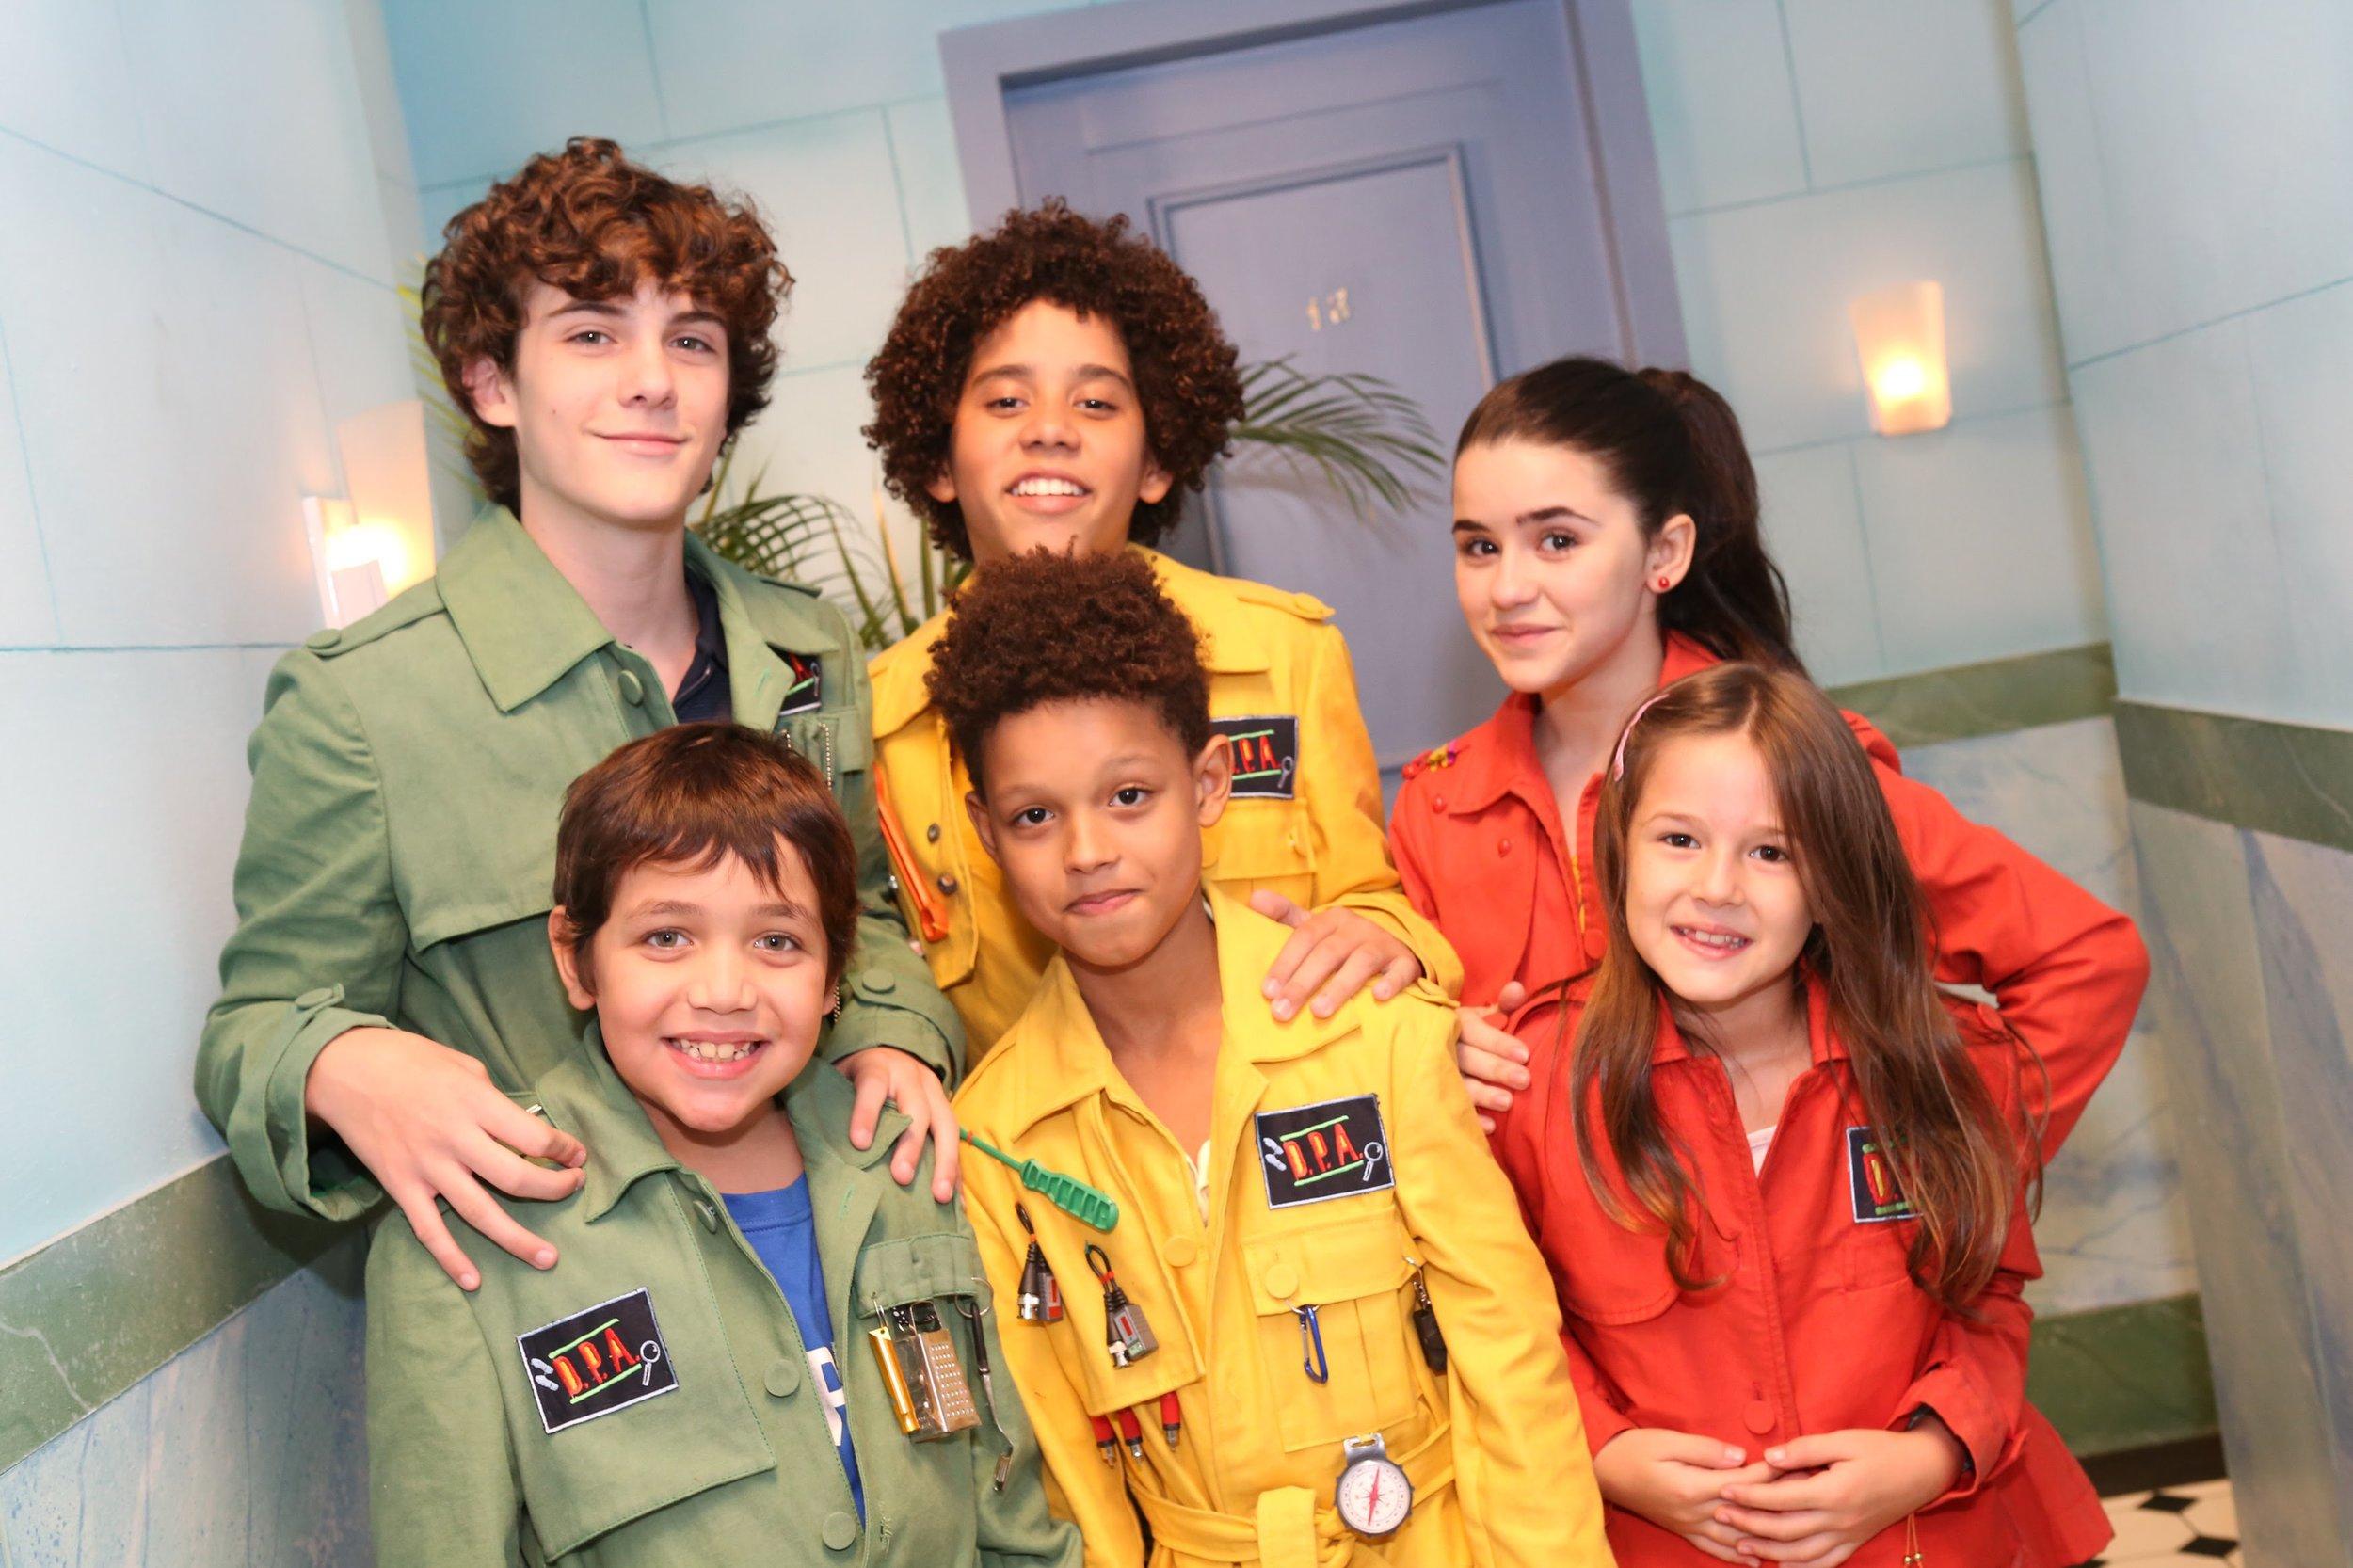 Detetives do Prédio Azul - Direção-geral das oito primeiras temporadas.